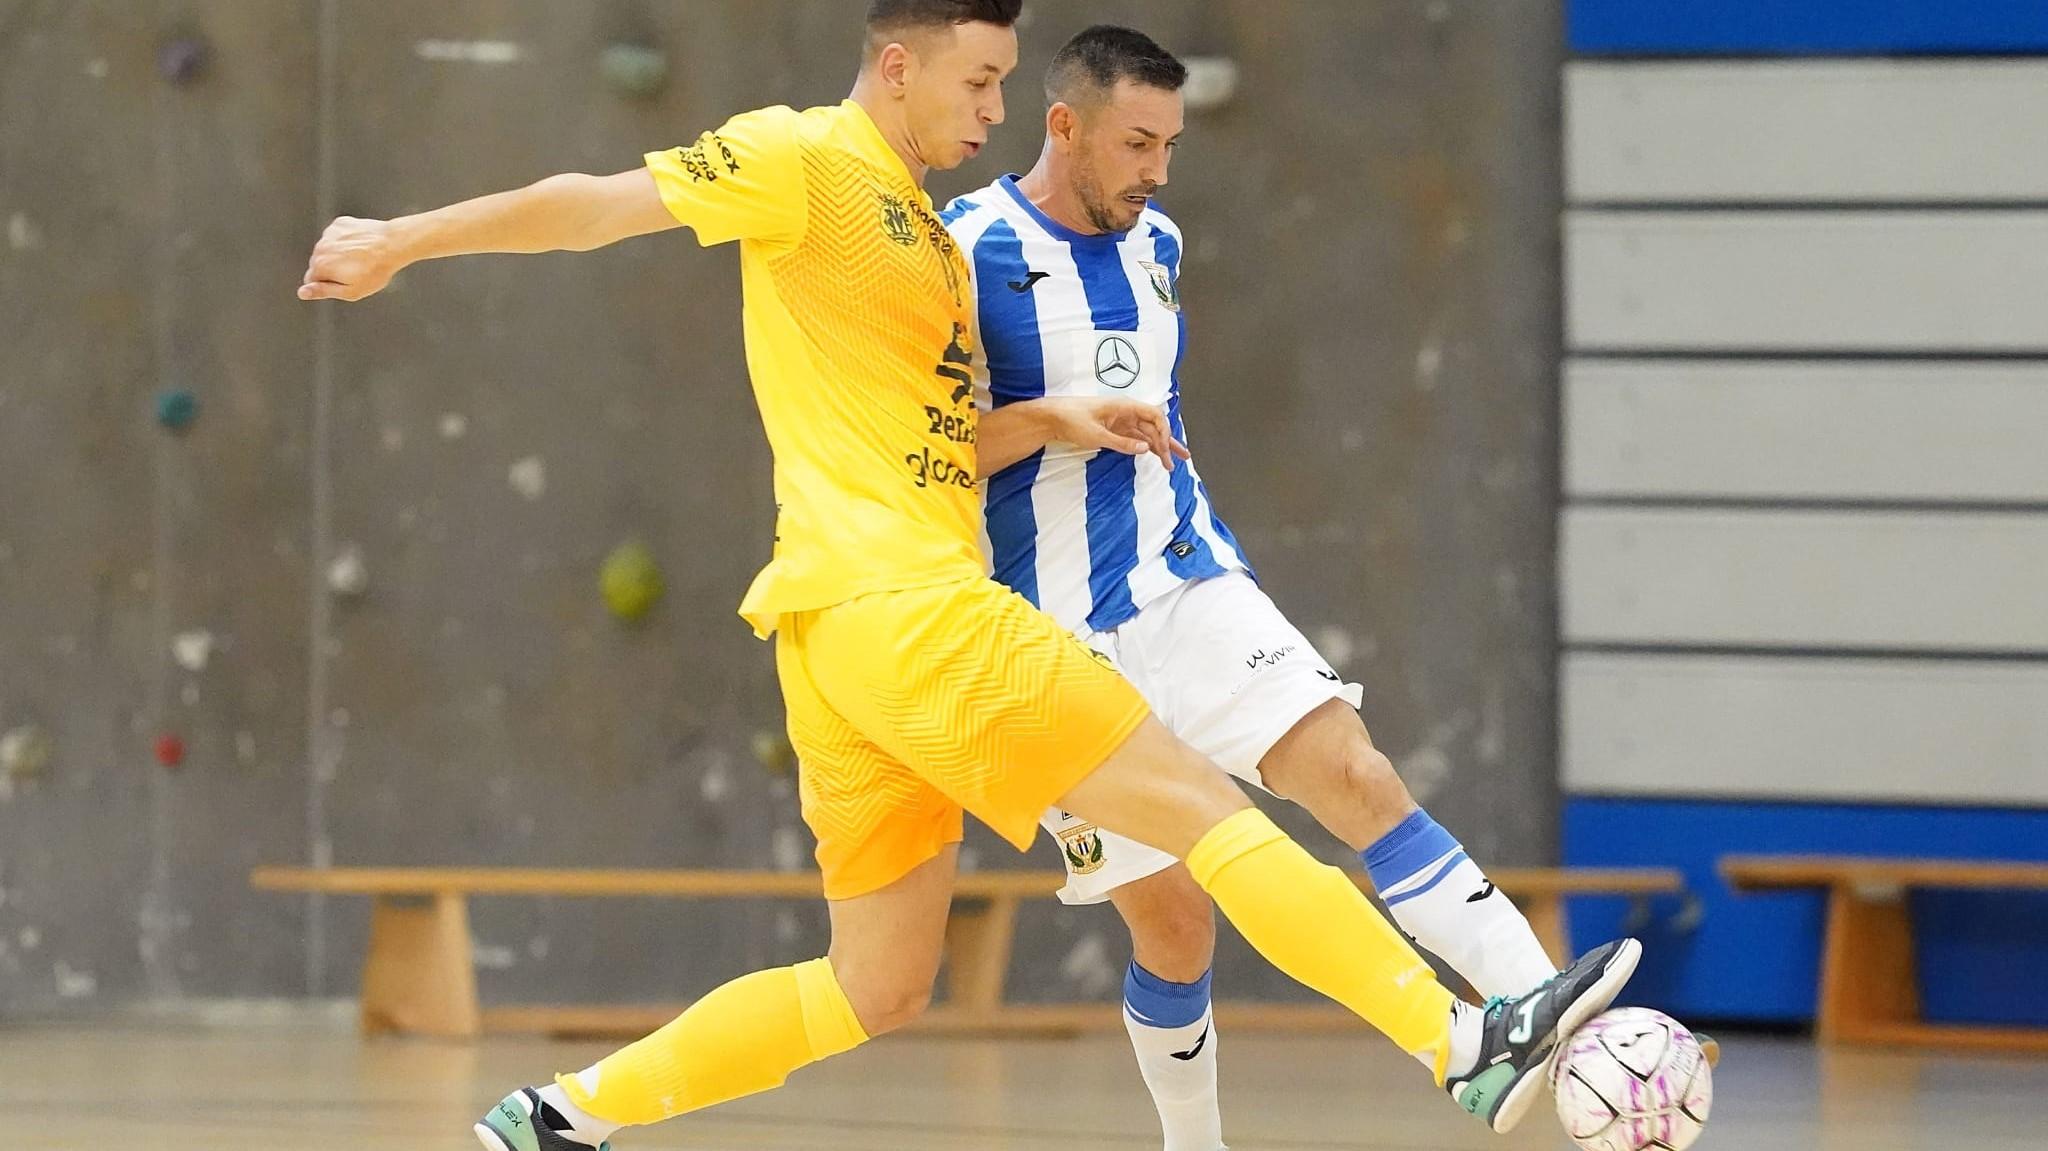 VÍDEO | El CD Leganés sufre la derrota en un partido ajustado contra Peñíscola FS (1-2)